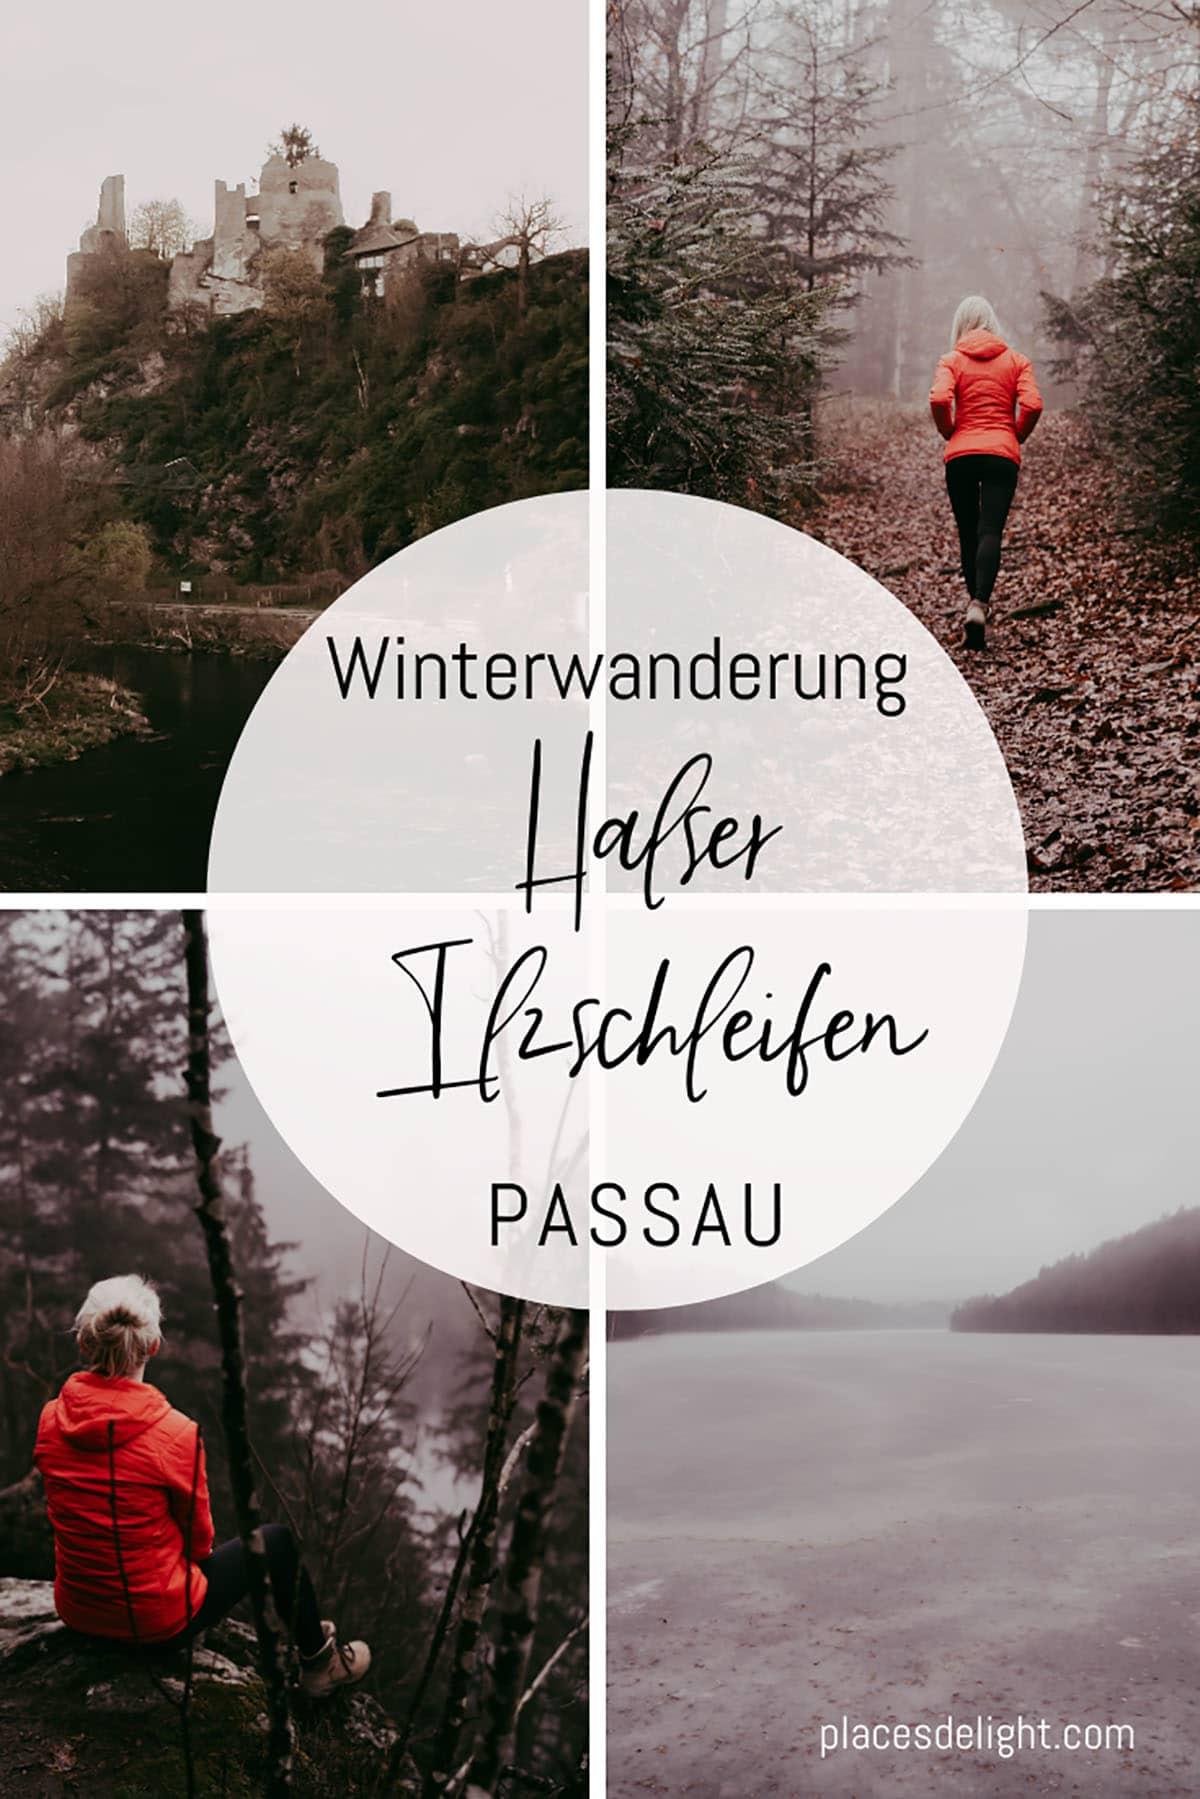 winter-wanderung-halser-ilz-schleifen-passau-placesdelight